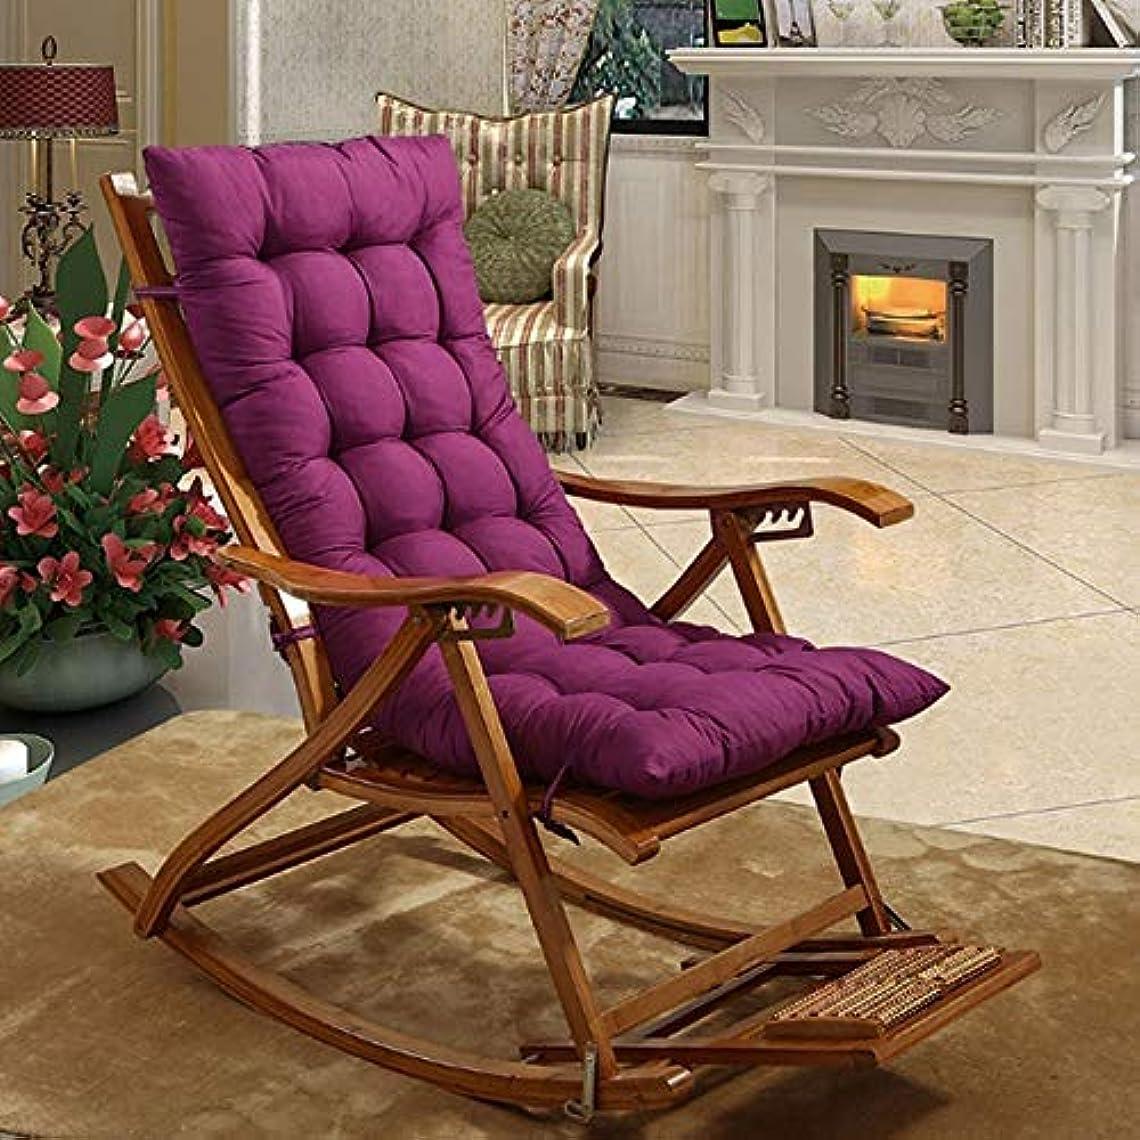 言語ダルセットアンデス山脈LIFE 48 × 120 センチメートルベンチソファクッション装飾高品質ポリエステル繊維ジャー椅子のクッション暖かい快適な畳マットパッド クッション 椅子